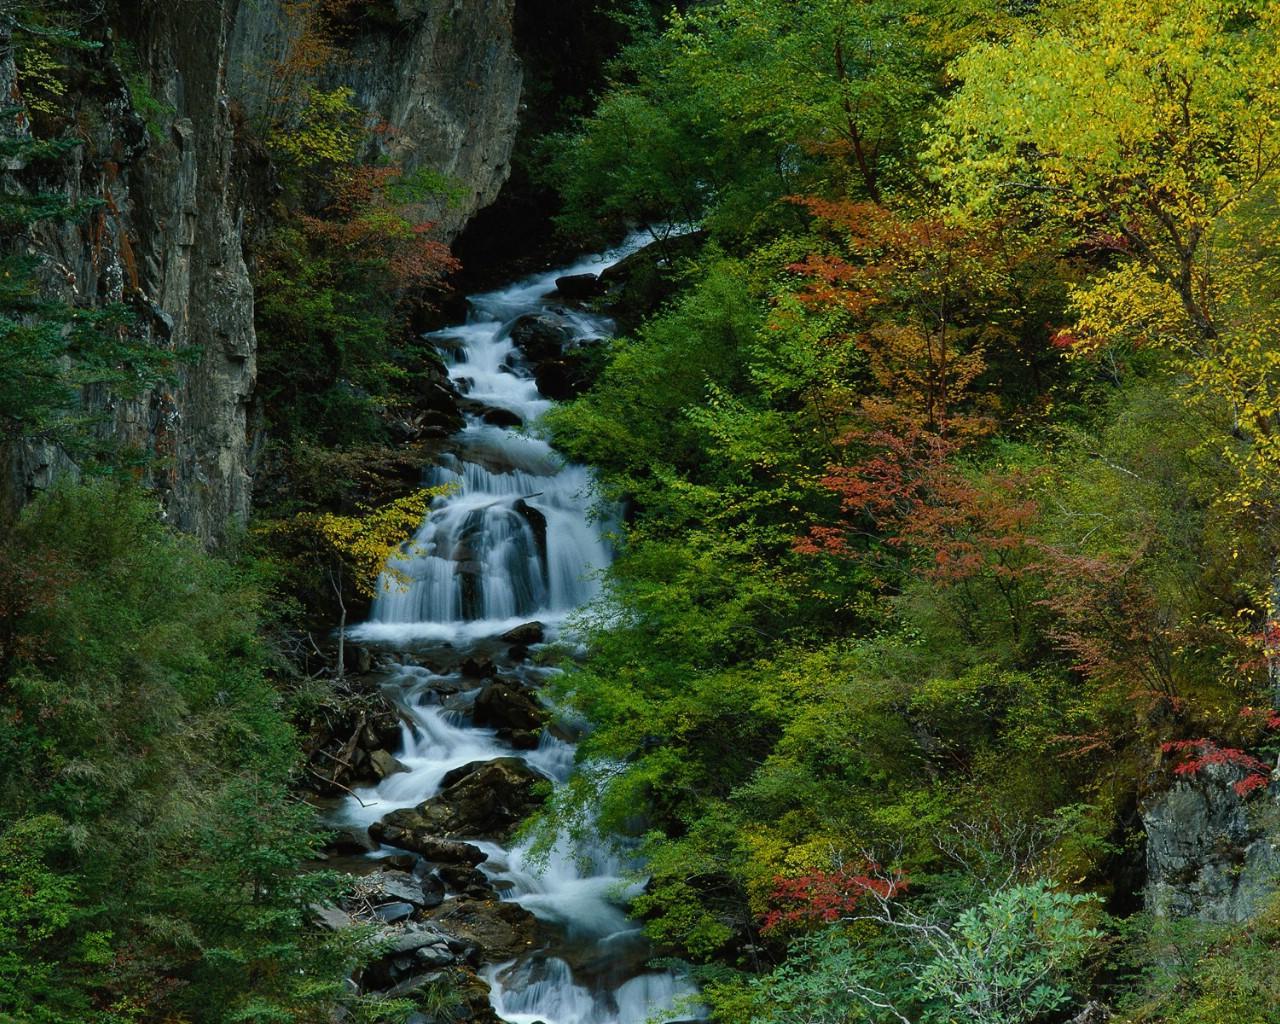 中国山水风景_壁纸1280×1024美丽中国 山水如画 瀑布溪流 中国绝美风光摄影壁纸 ...